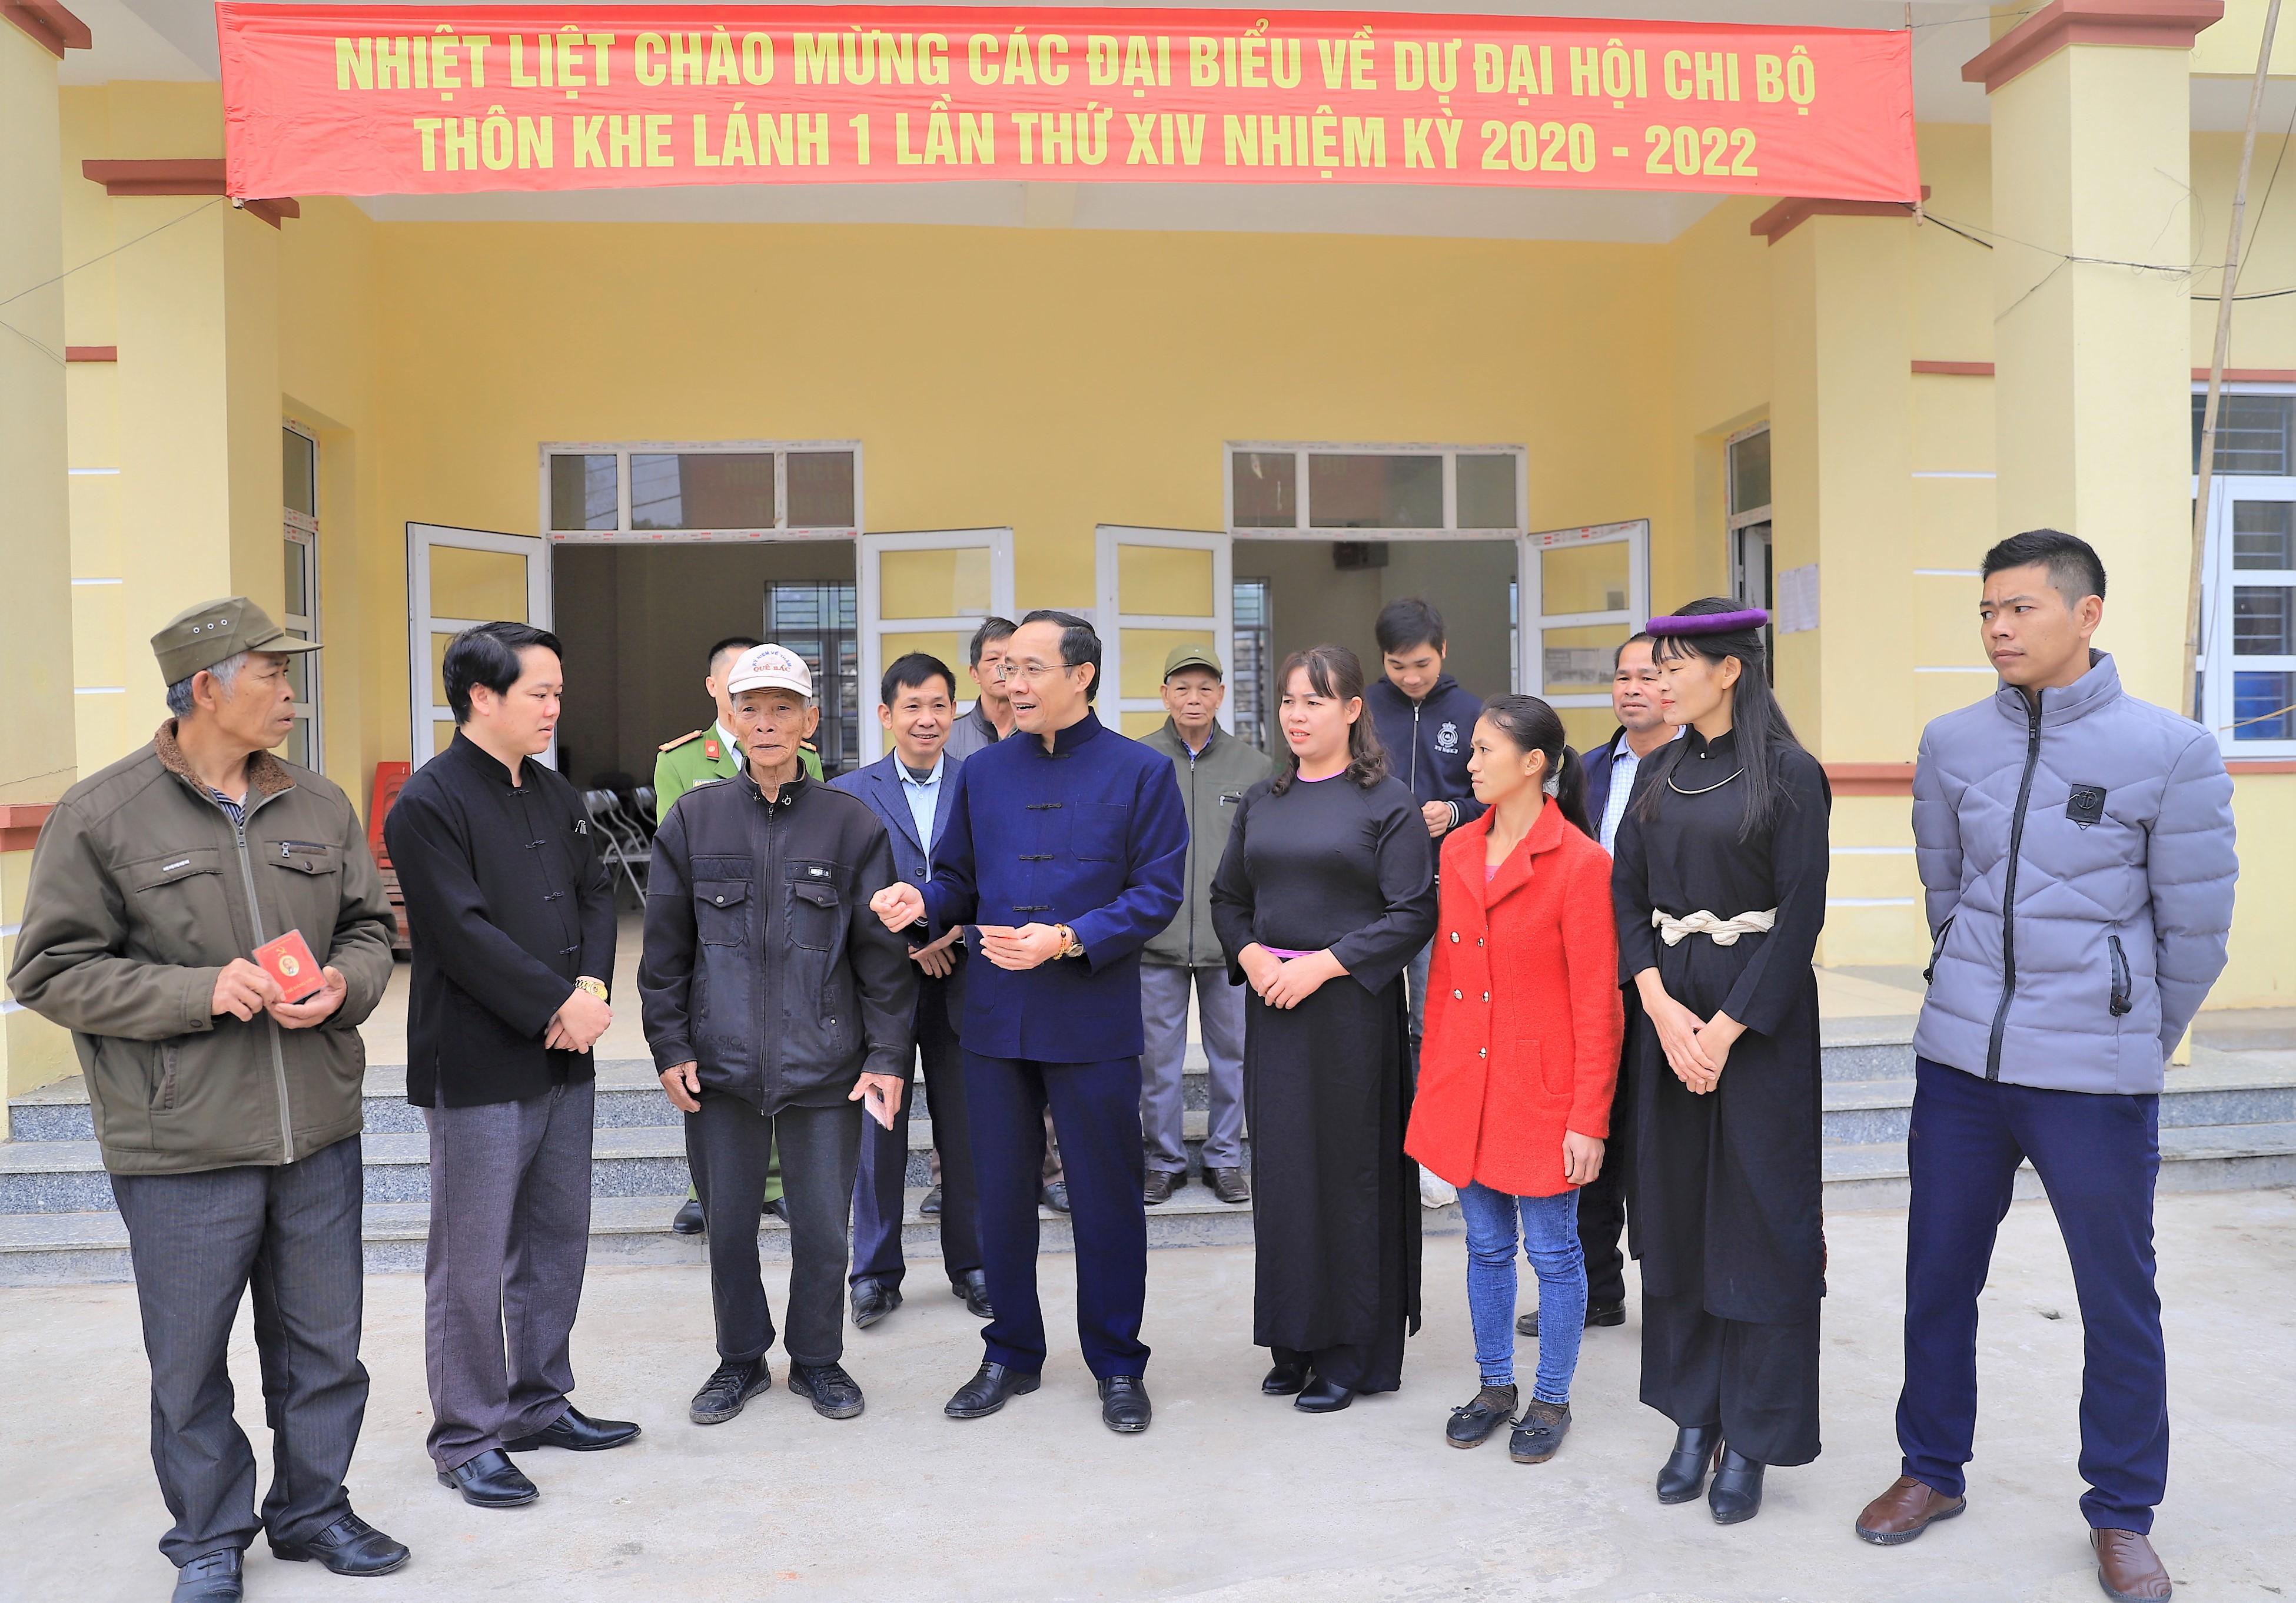 Bí thư Huyện ủy Dương Mạnh Cường (đứng thứ 4 từ trái qua phải) trao đổi với đại biểu dự Đại hội Chi bộ thôn Khe Lánh I, xã Vô Ngại